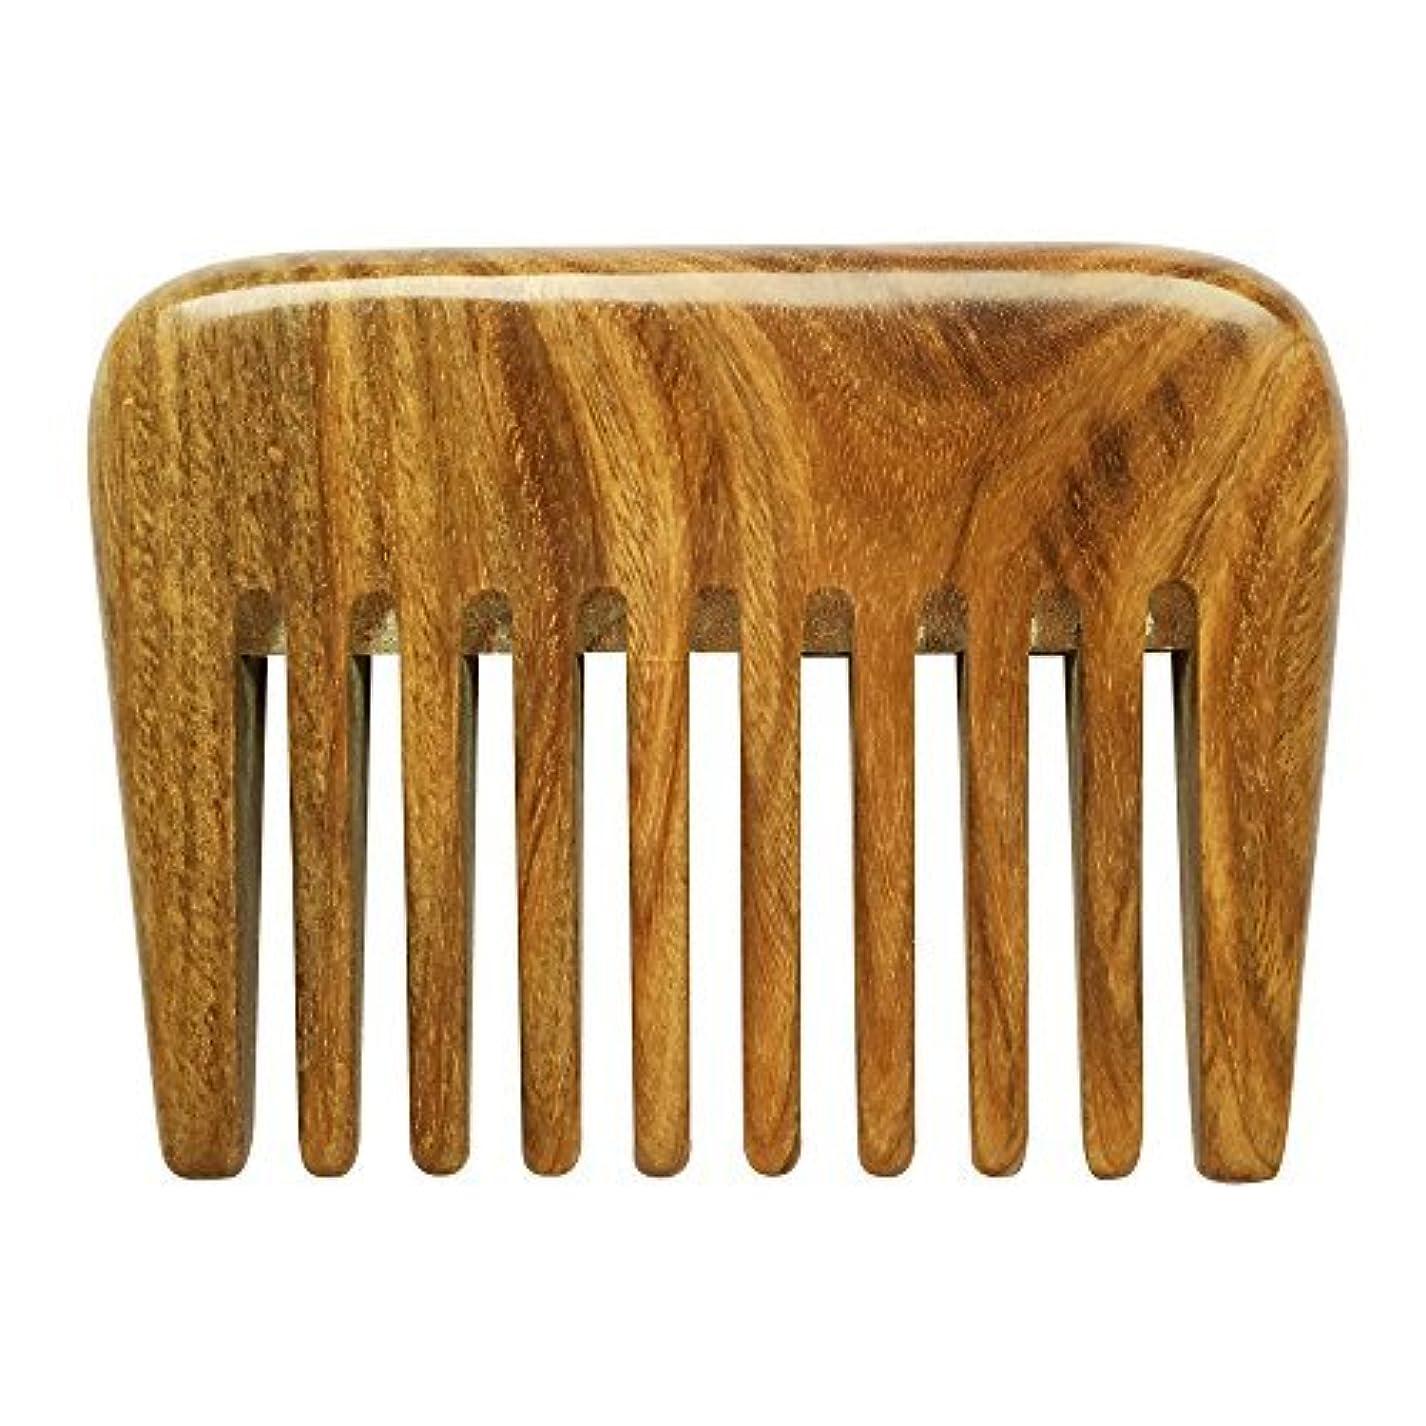 征服謝罪する警告するBeneAlways Portable Hair & Beard Comb/Pick ? Made From One Whole Piece of Natural Green Sandalwood with Fragrant Scent (Wide Tooth) [並行輸入品]